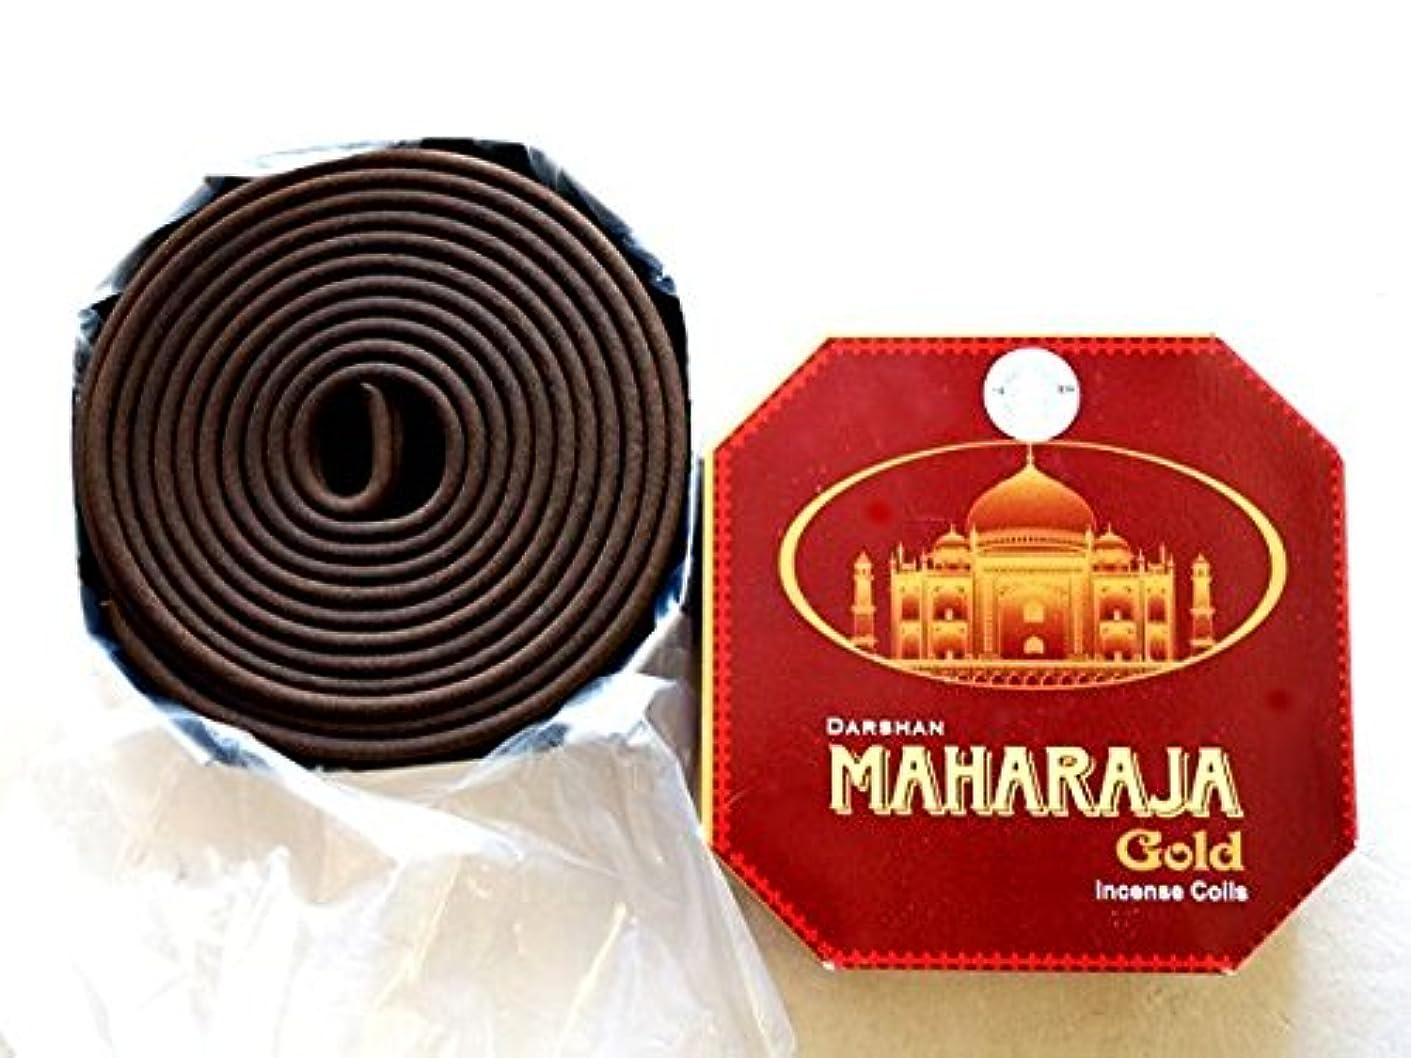 社交的料理をする実施するバリタイ お香/渦巻き香/マハラジャゴールド/オリエンタルな香りのインド香